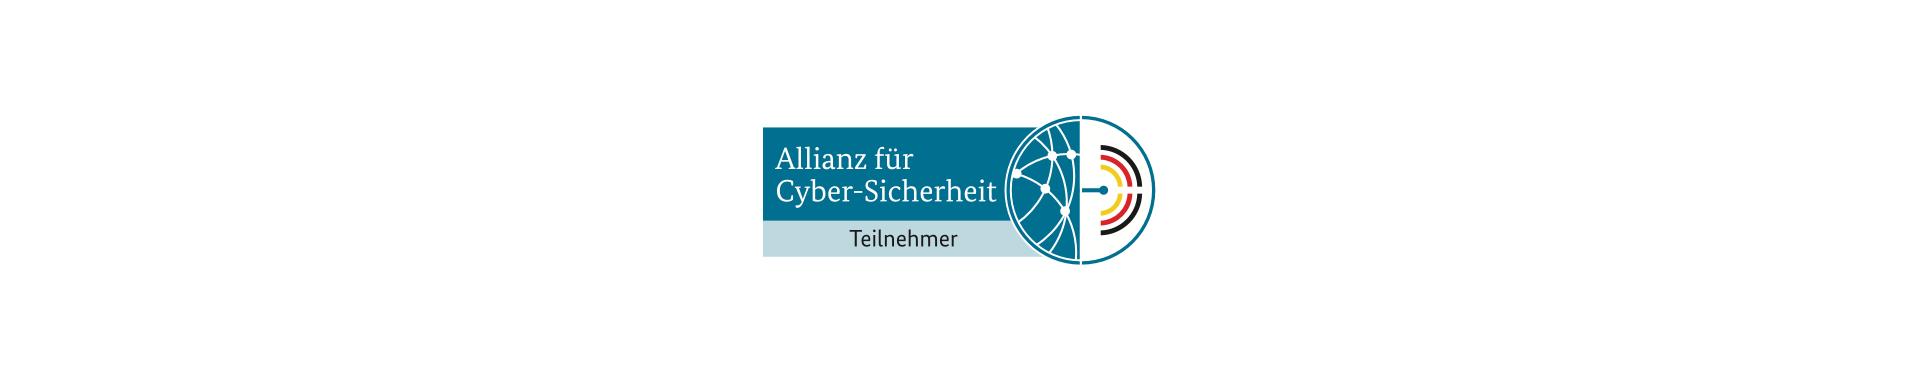 Tresorit tritt der Allianz für Cyber-Sicherheit bei